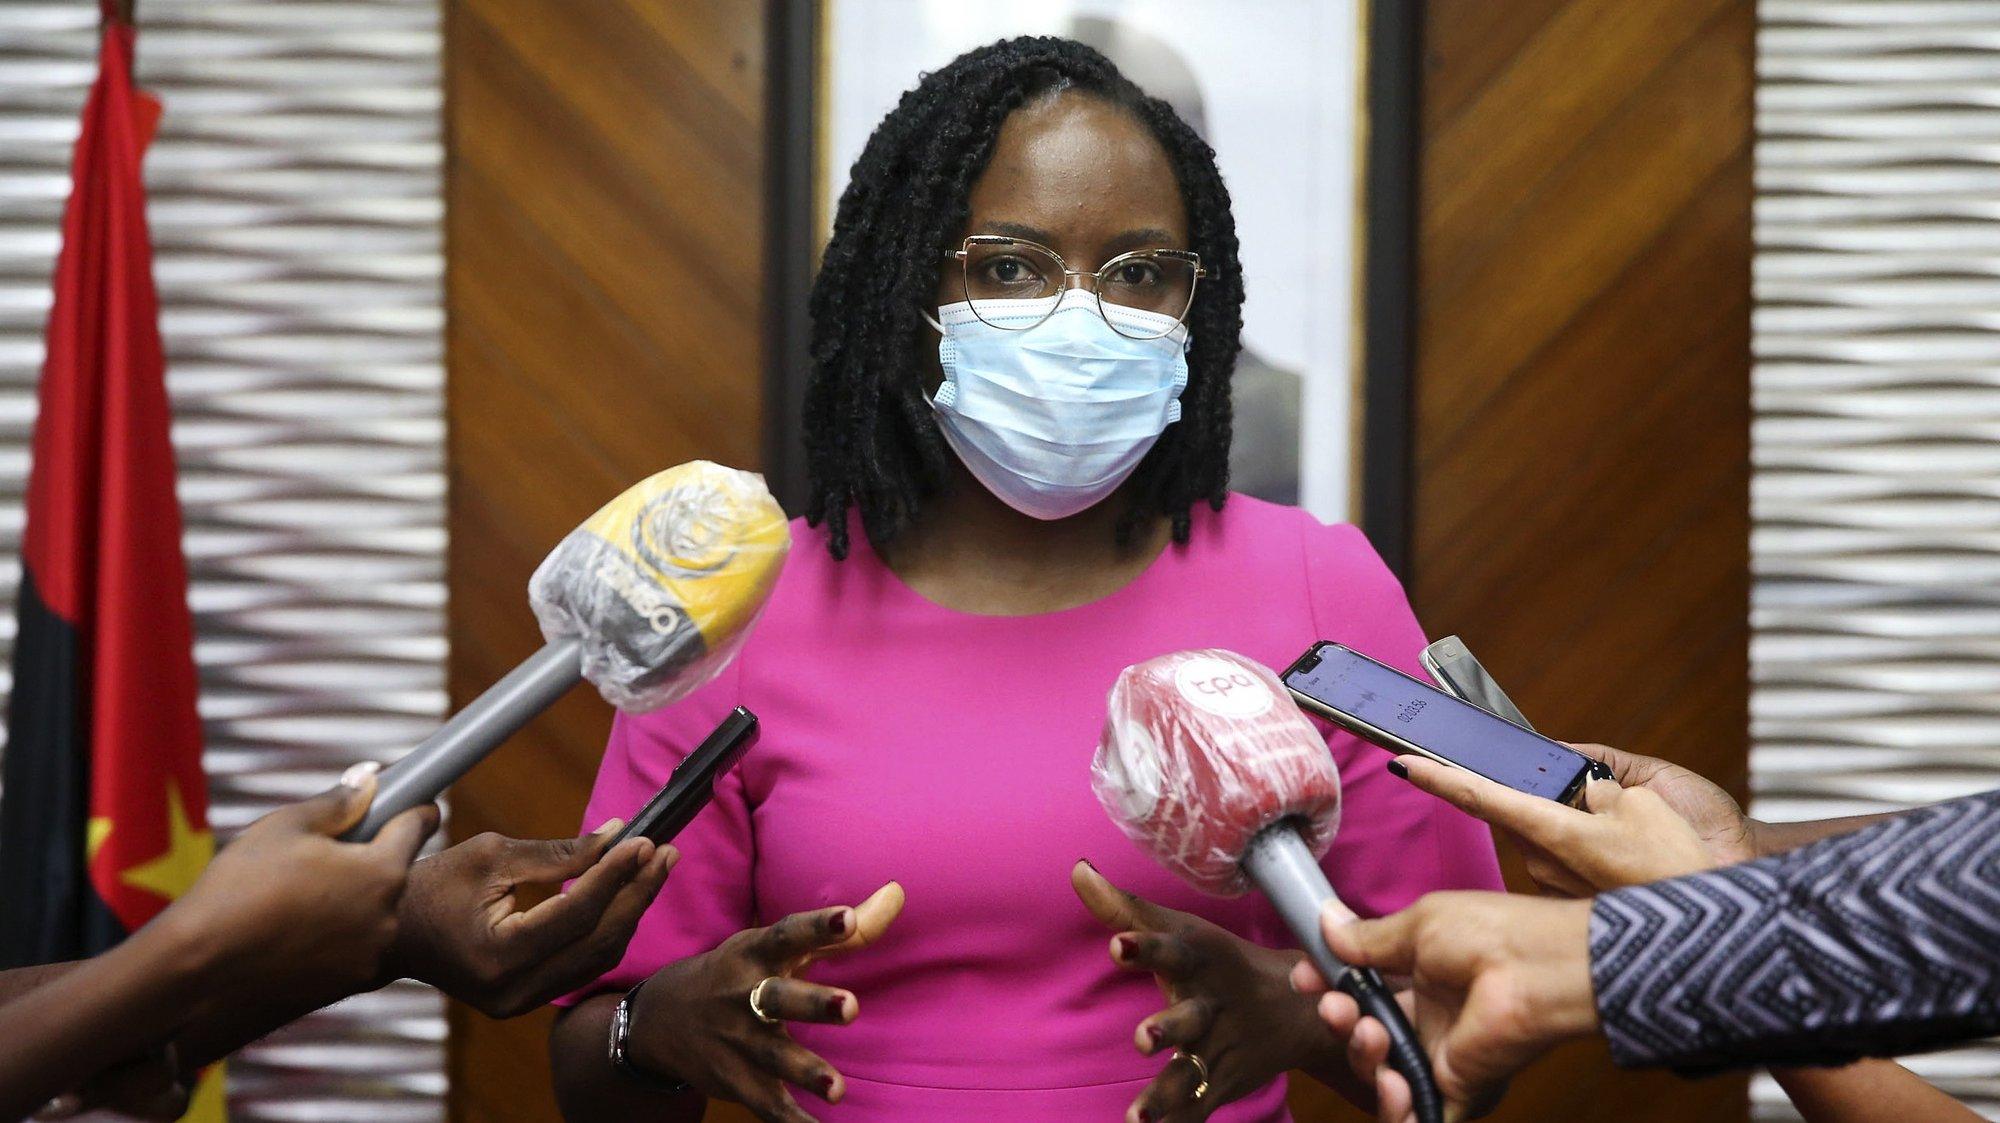 A ministra das Finanças de Angola, Vera Daves de Sousa, fala aos jornalistas durante um encontro com a representante da Organização Mundial da Saúde (OMS), Djamila Khady Cabral (ausente na fotografia), em Luanda, Angola, 2 de dezembro de 2020. AMPE ROGÉRIO/LUSA